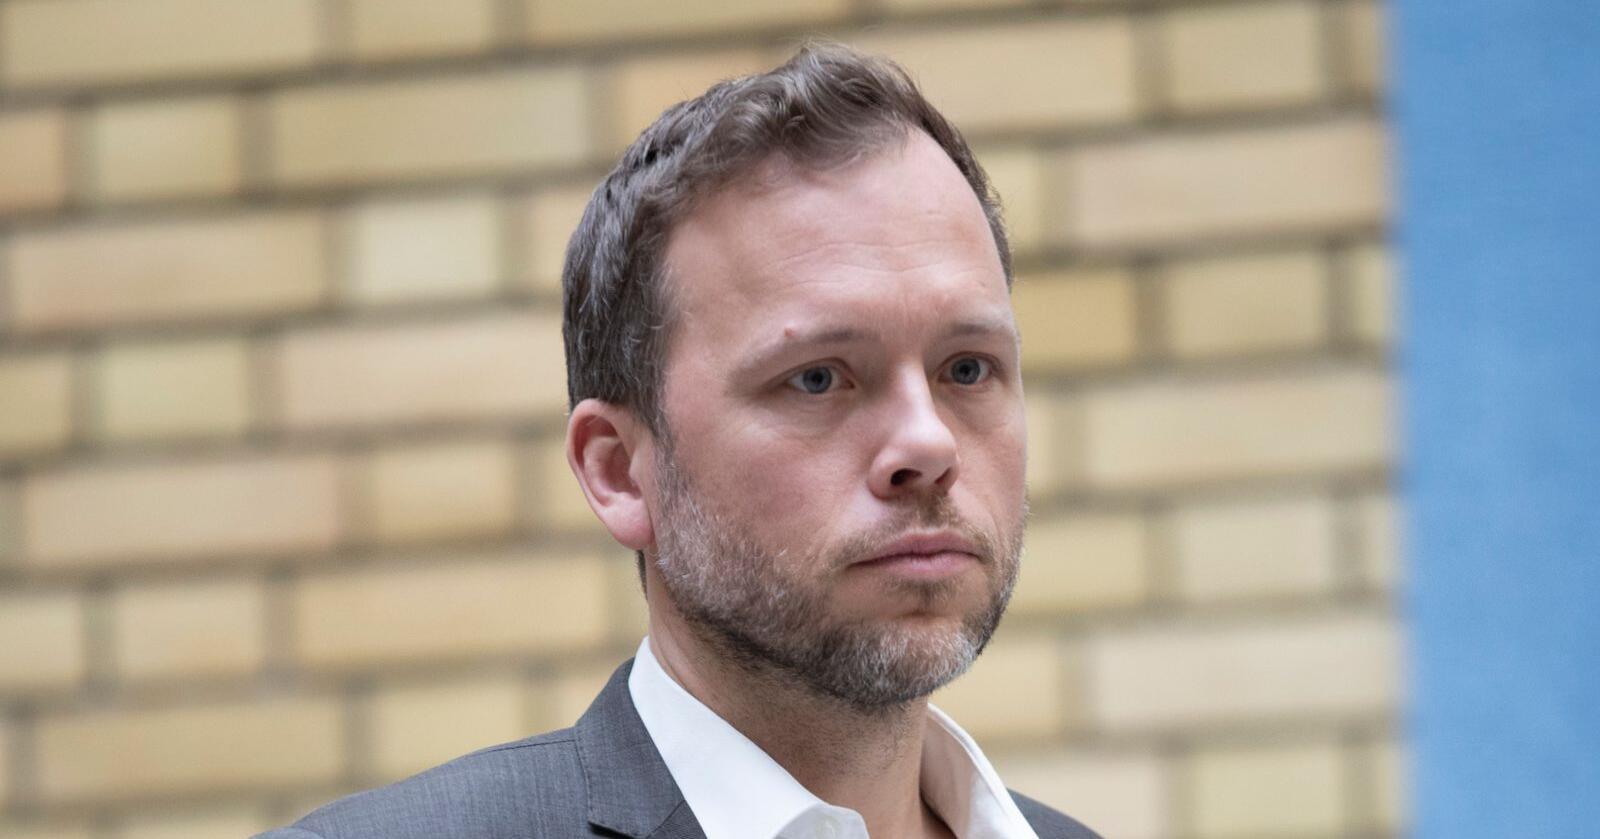 Regjeringens koronafullmakter er ute på høring, og SV- leder Audun Lysbakken ønsker en rask oppheving. Hvor rask vites ikke. Foto: Terje Bendiksby / NTB scanpix